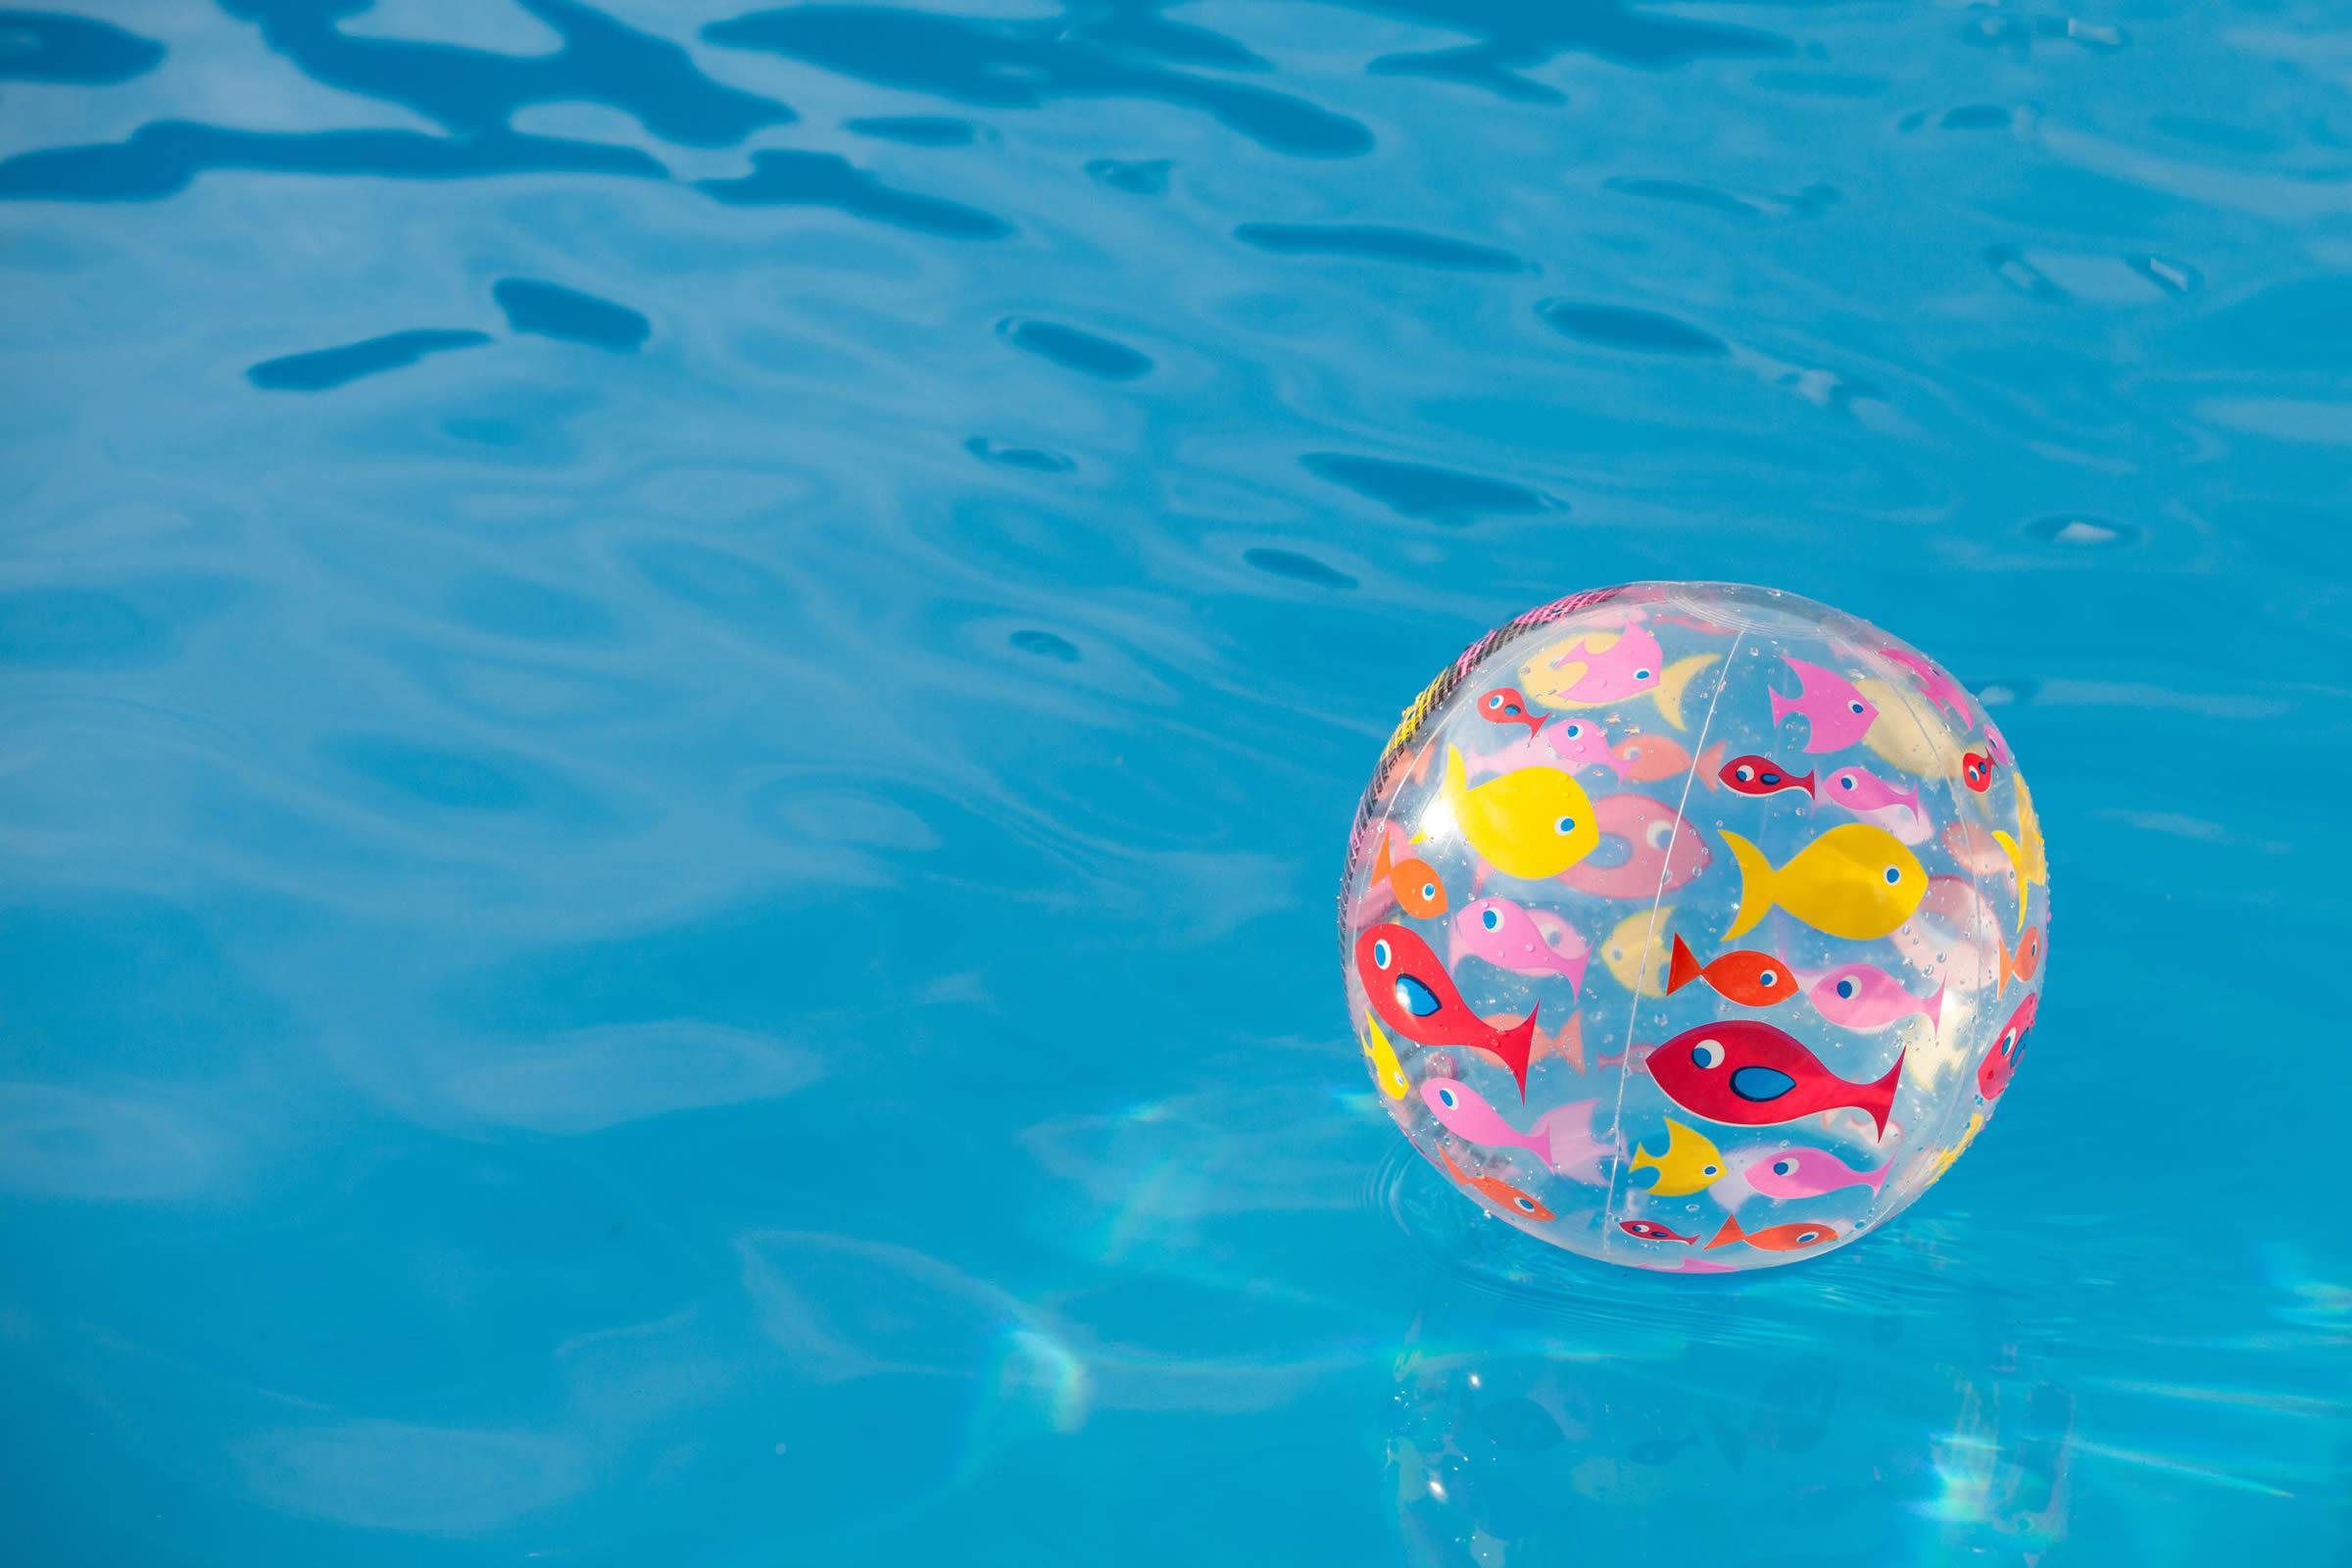 Objectif pour 2050 : Remplaçons tout le poisson des océans par du plastique - différent.land